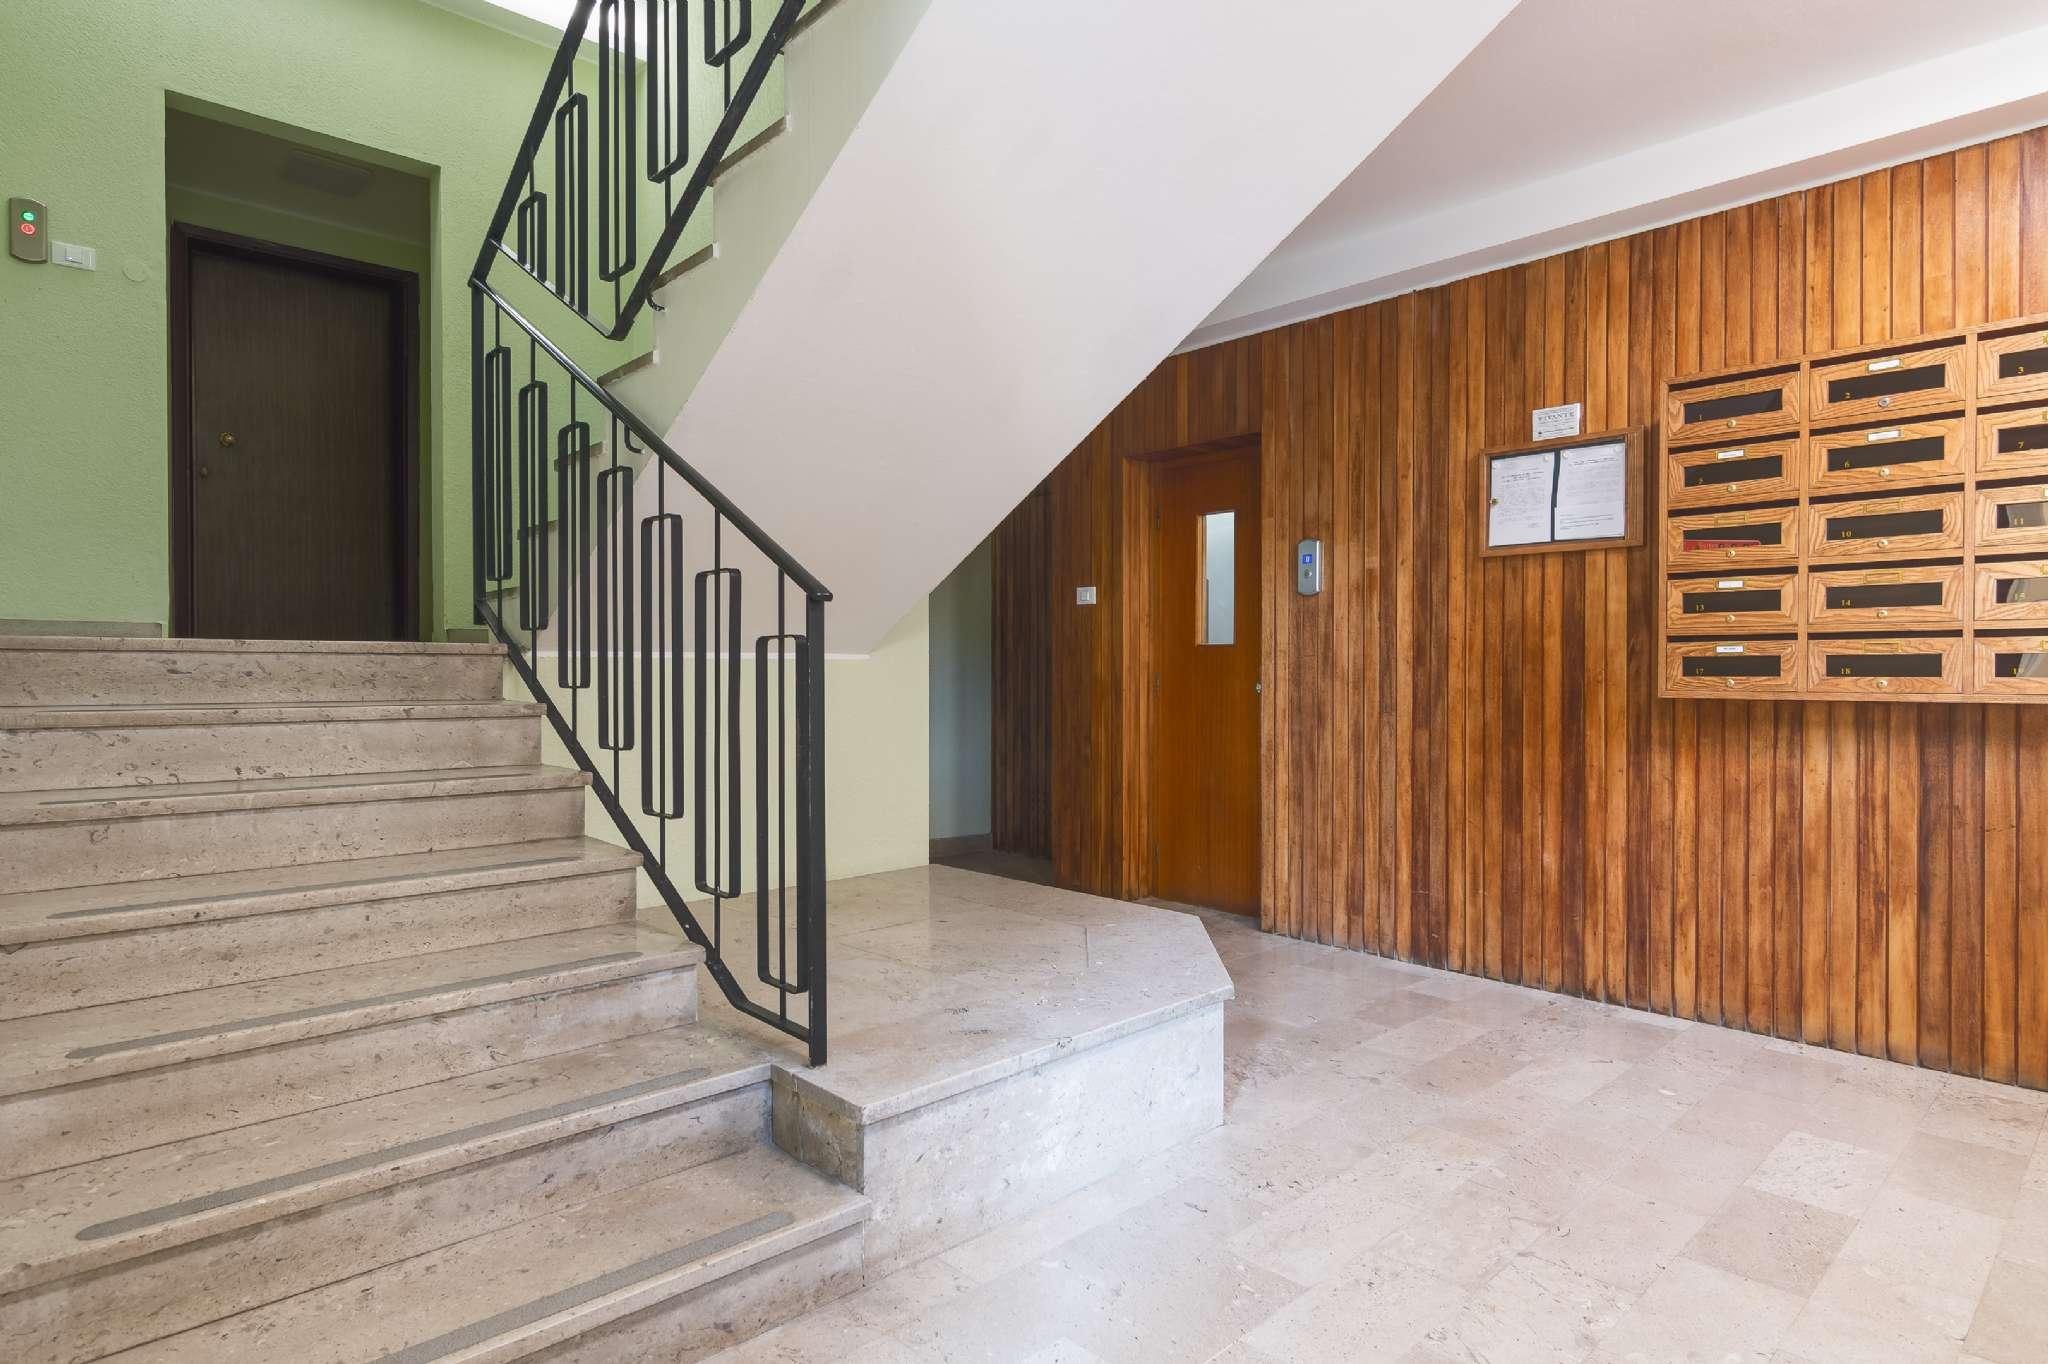 Appartamento in vendita a Trieste, 2 locali, prezzo € 121.000 | PortaleAgenzieImmobiliari.it